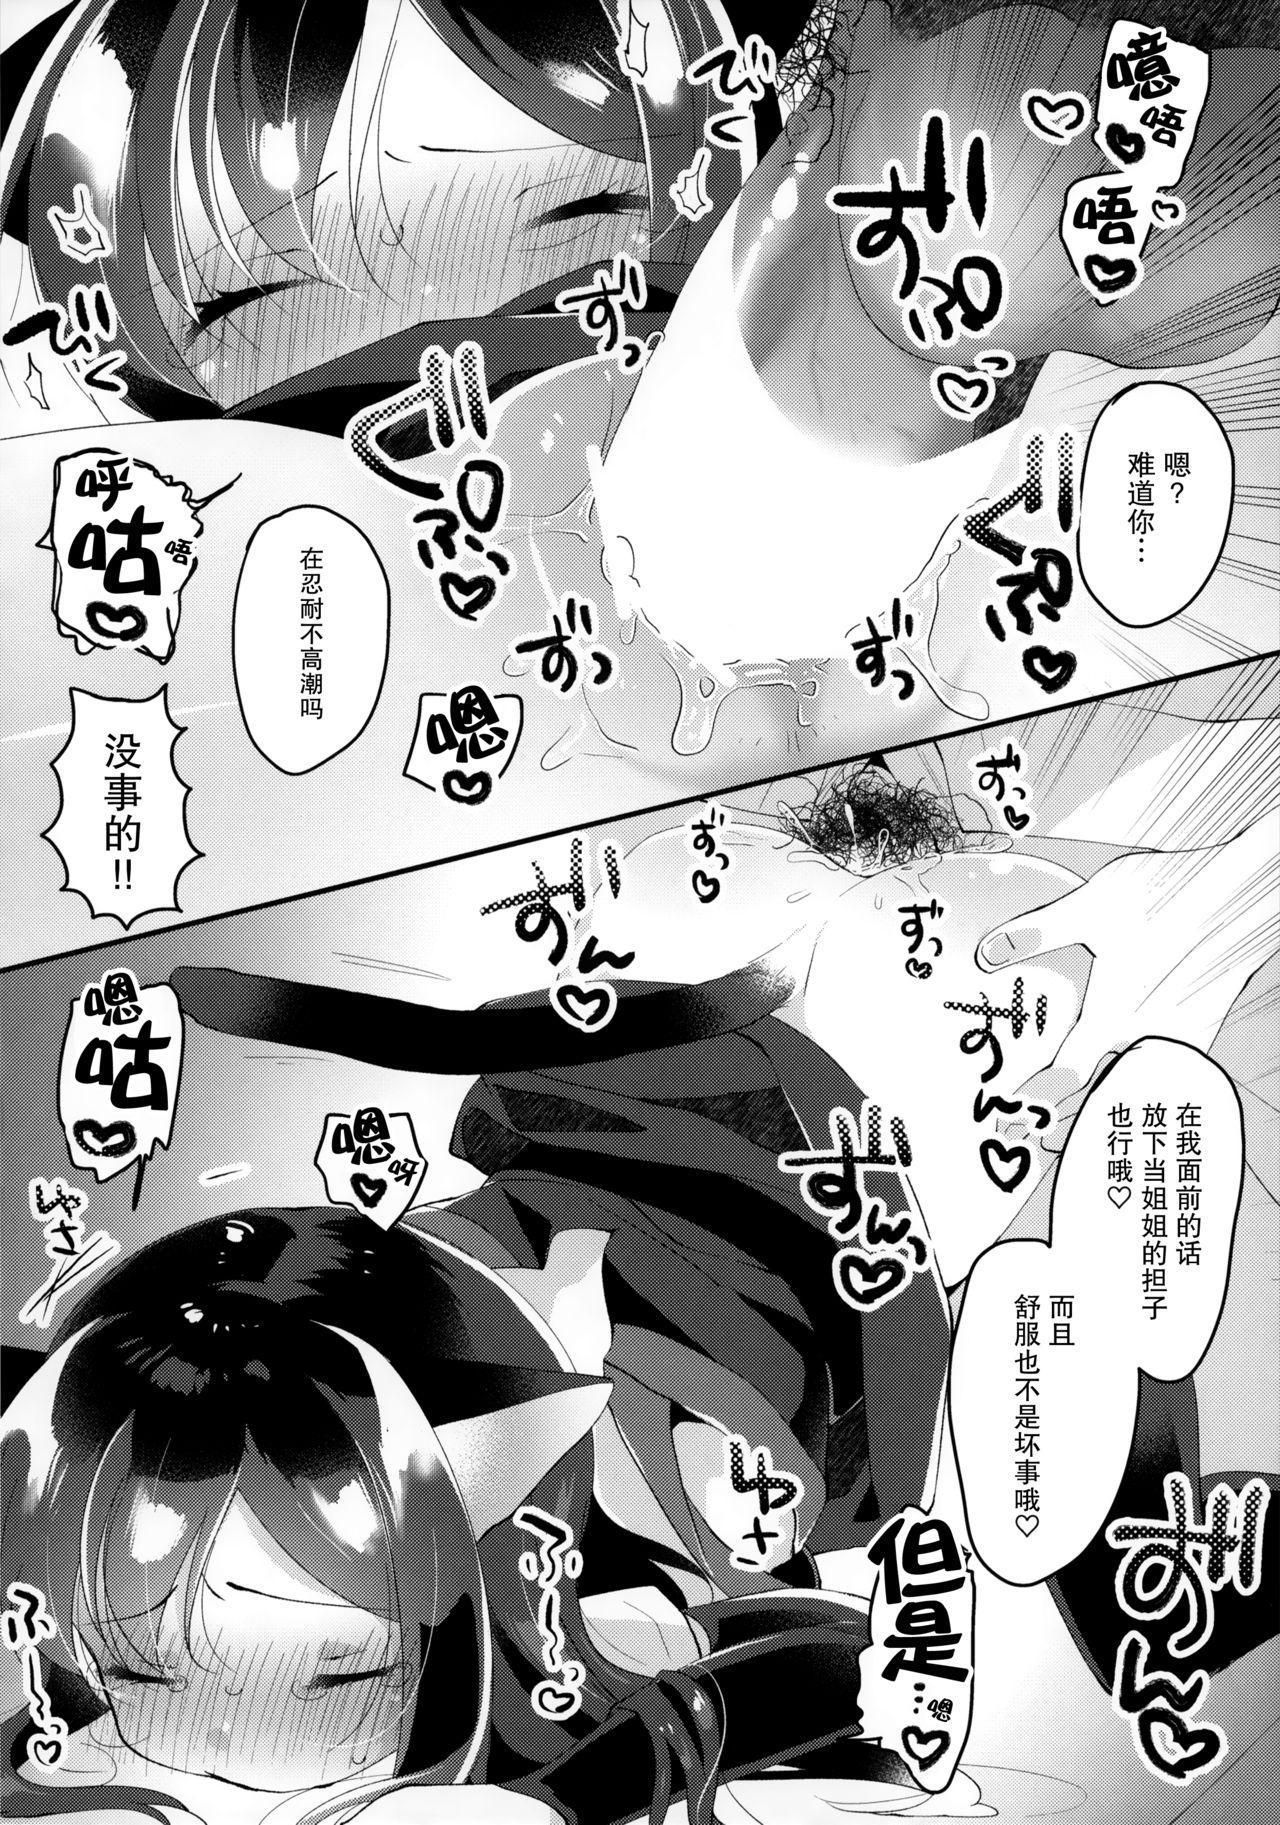 Nyasashio Hajimemashita 17